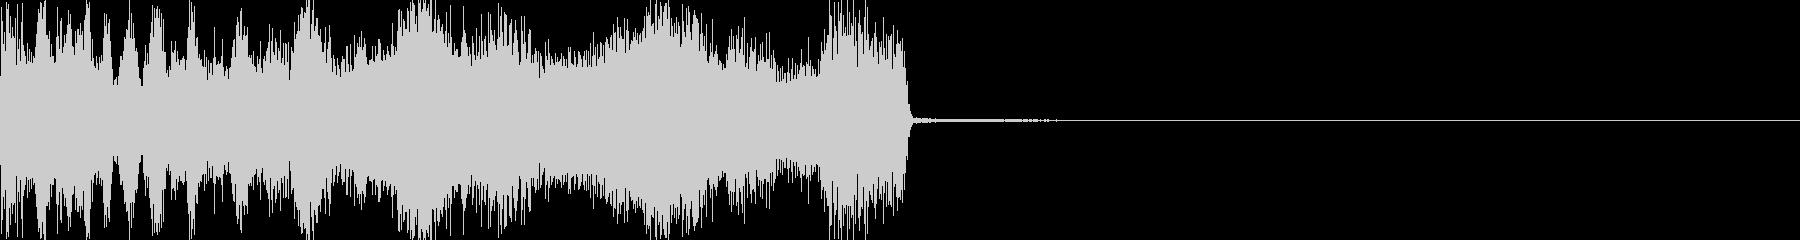 デジタルで神秘的(決定音・ゲーム魔法)の未再生の波形